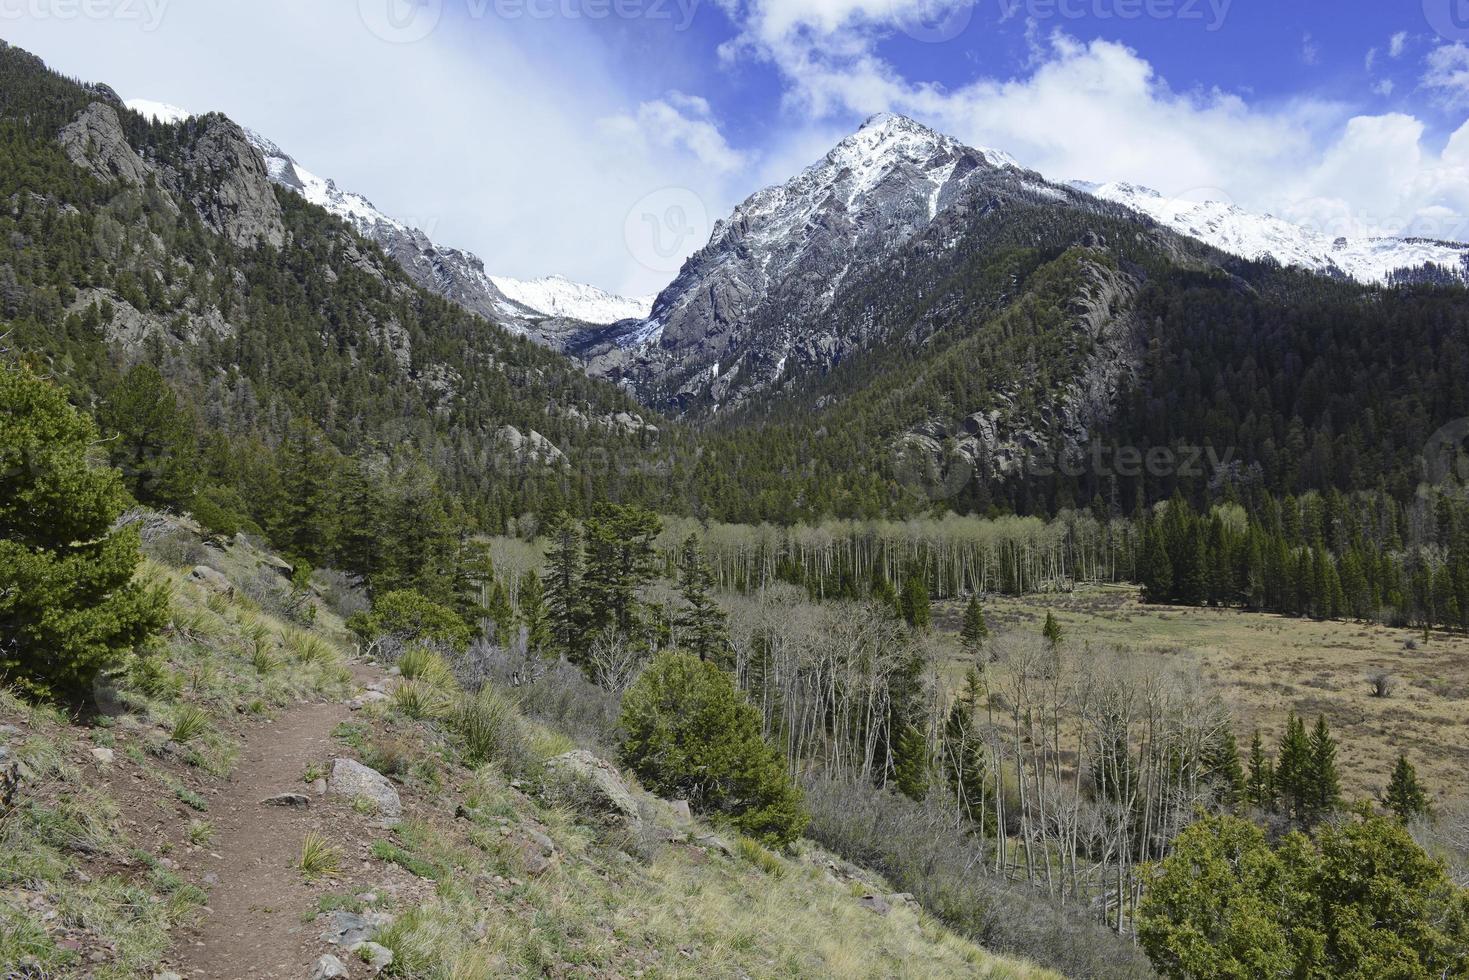 paesaggio alpino, catena del sangre de cristo, montagne rocciose in colorado foto